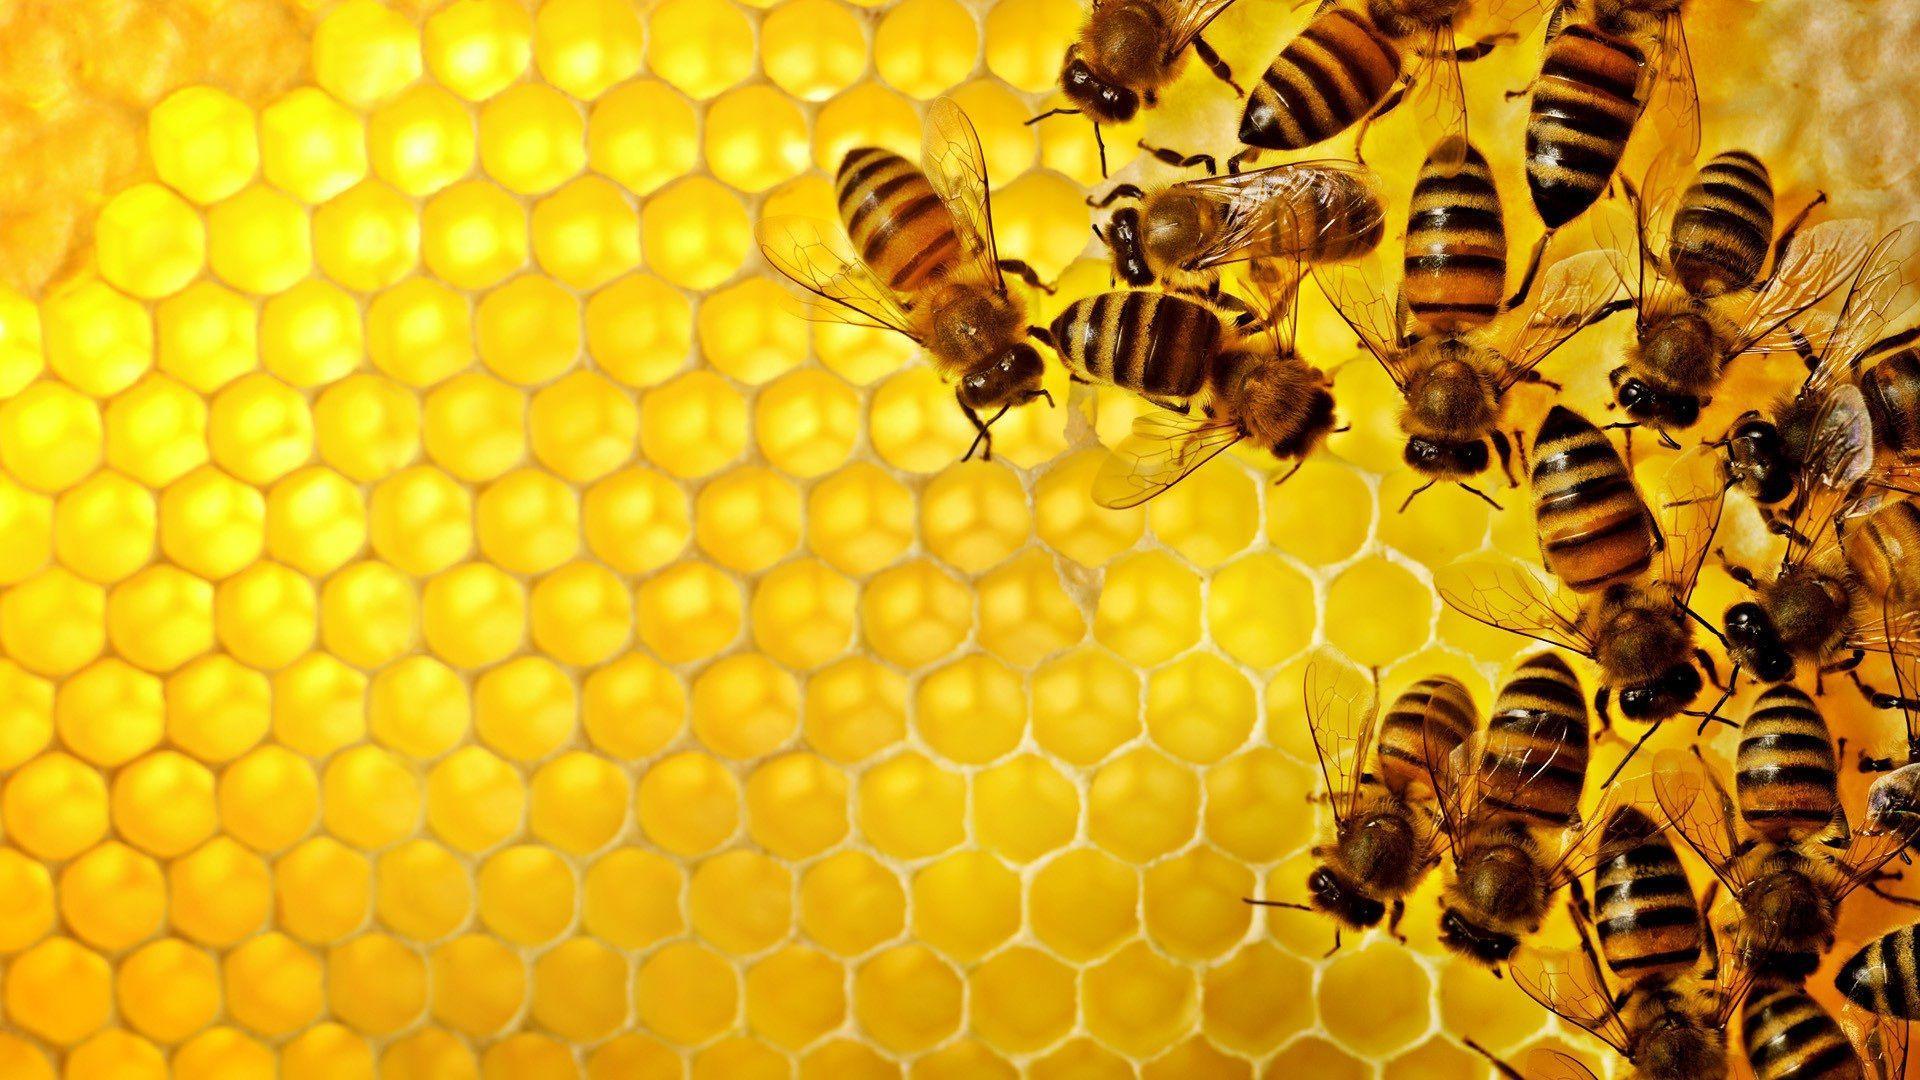 Honey Bee Wallpapers Wallpaper Cave